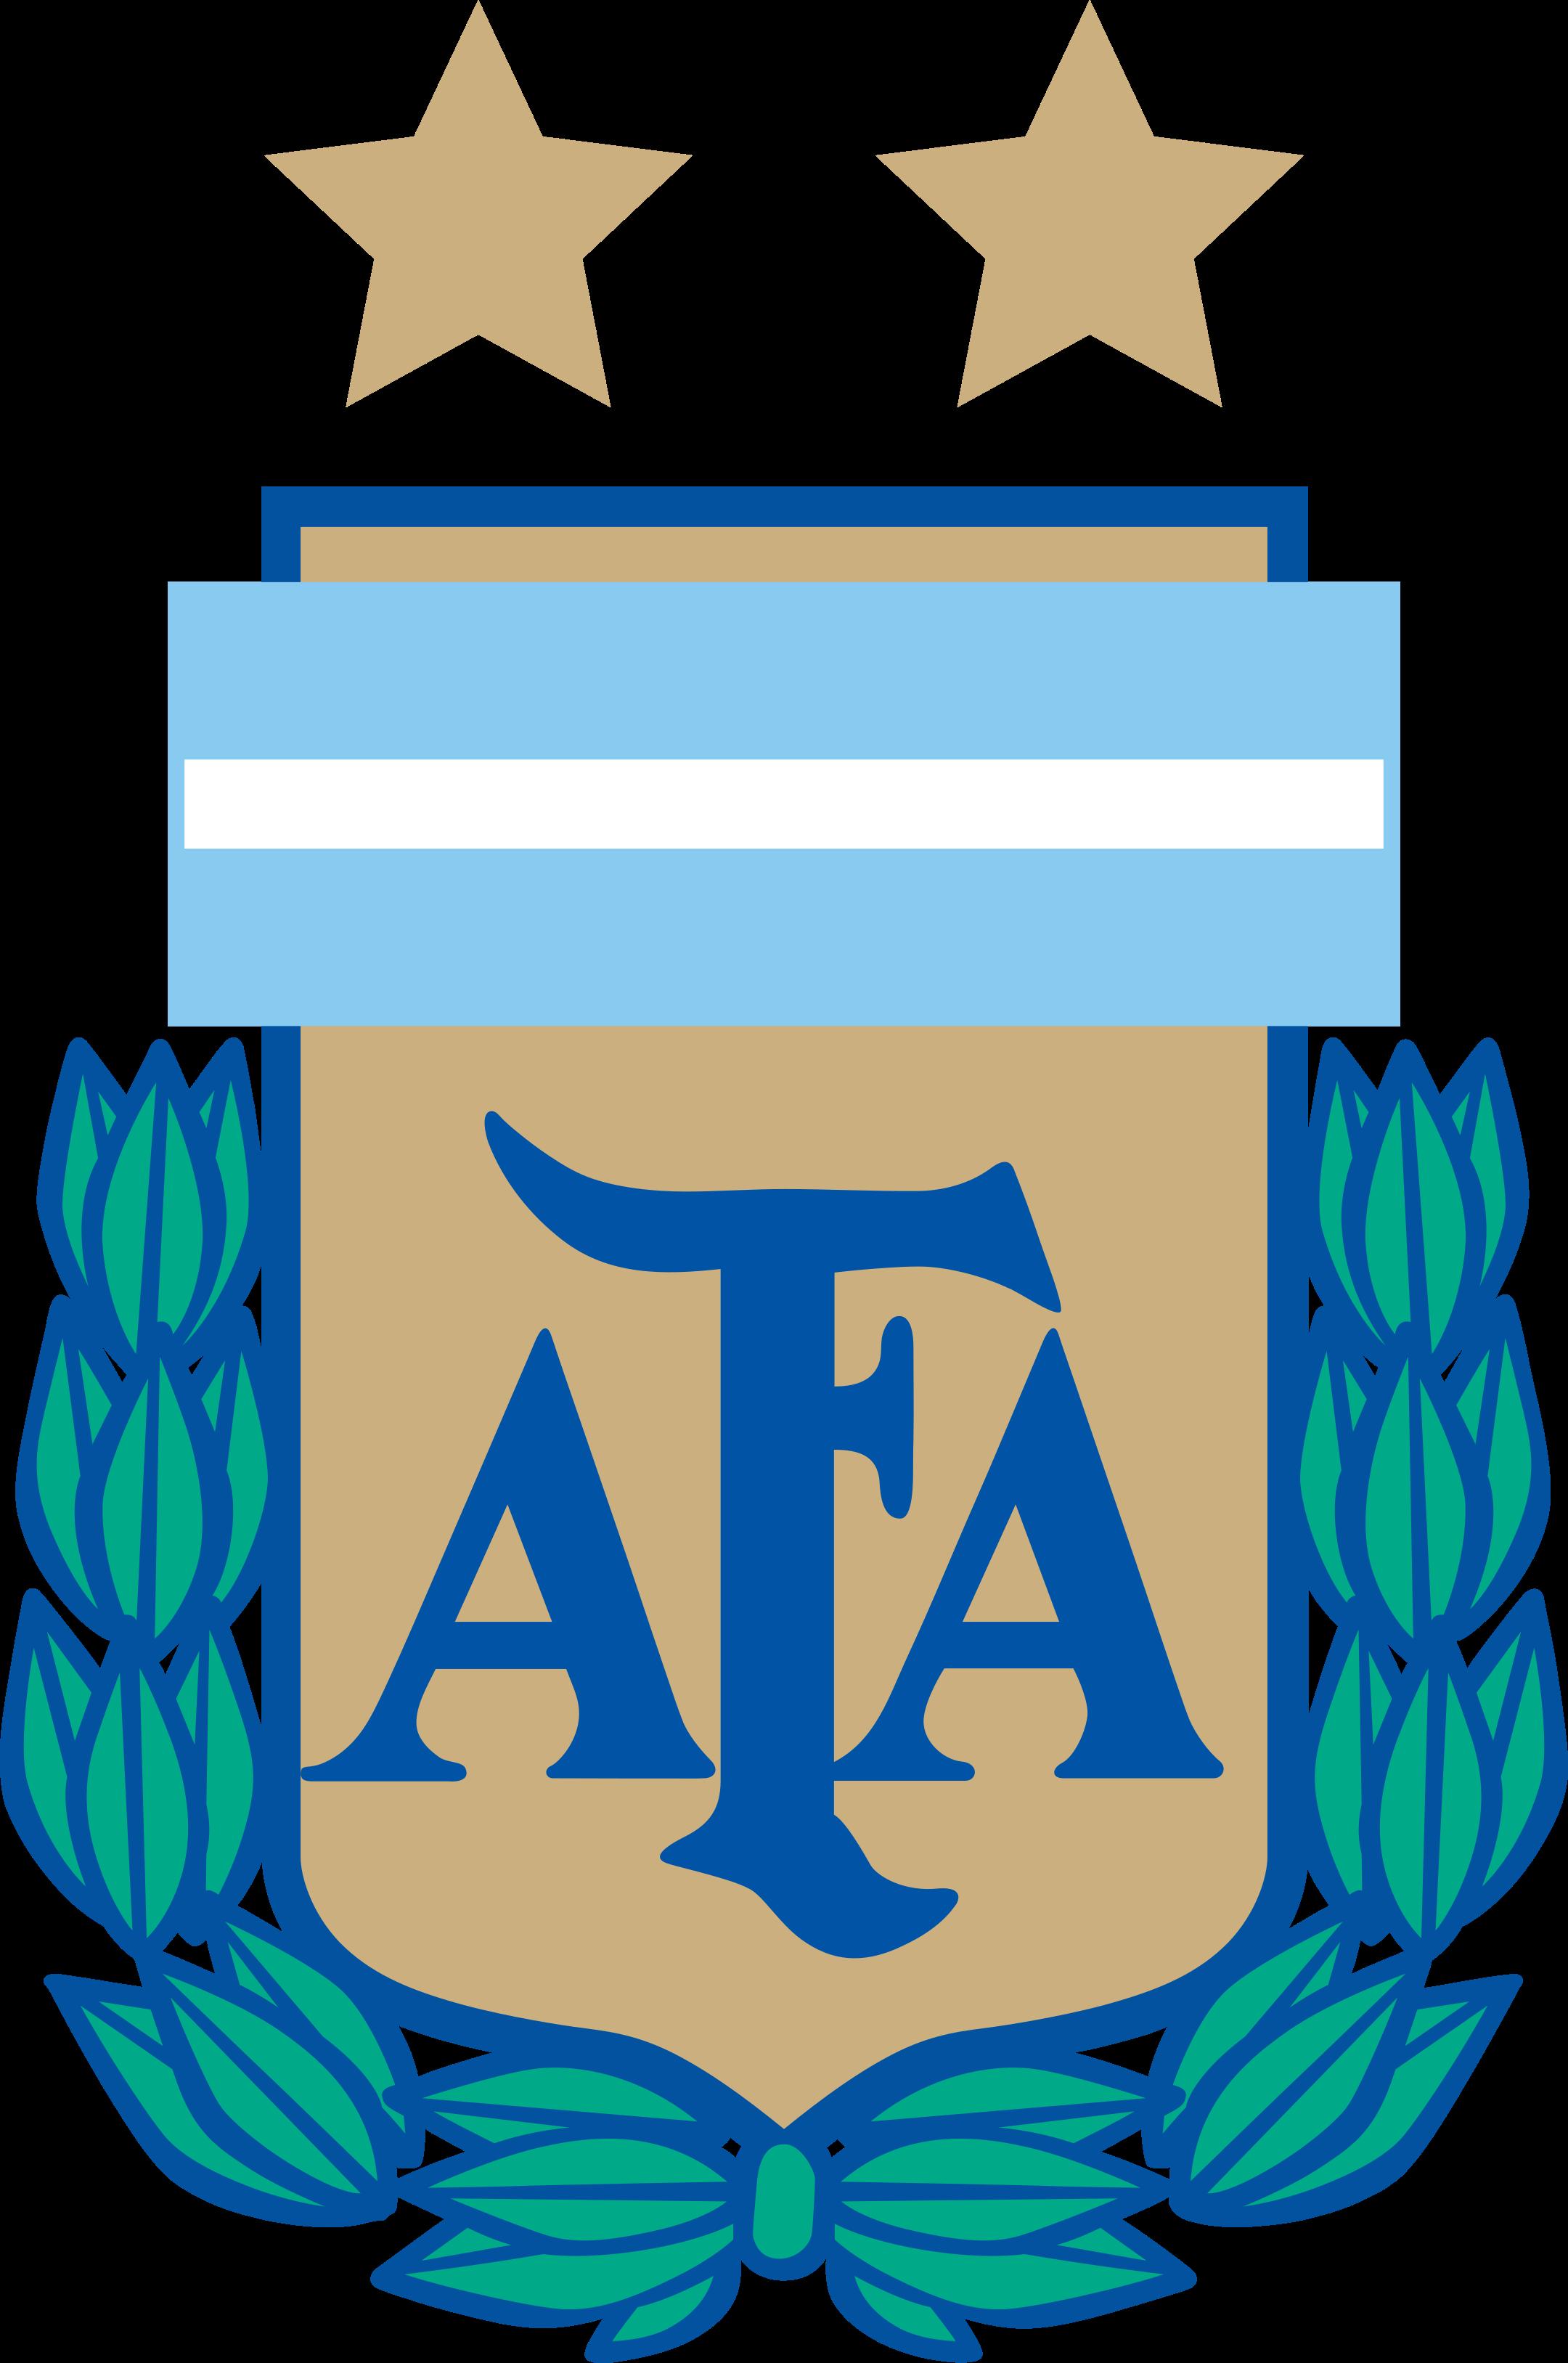 afa seleccion argentina futbol logo 1 - AFA - Selección Argentina Logo